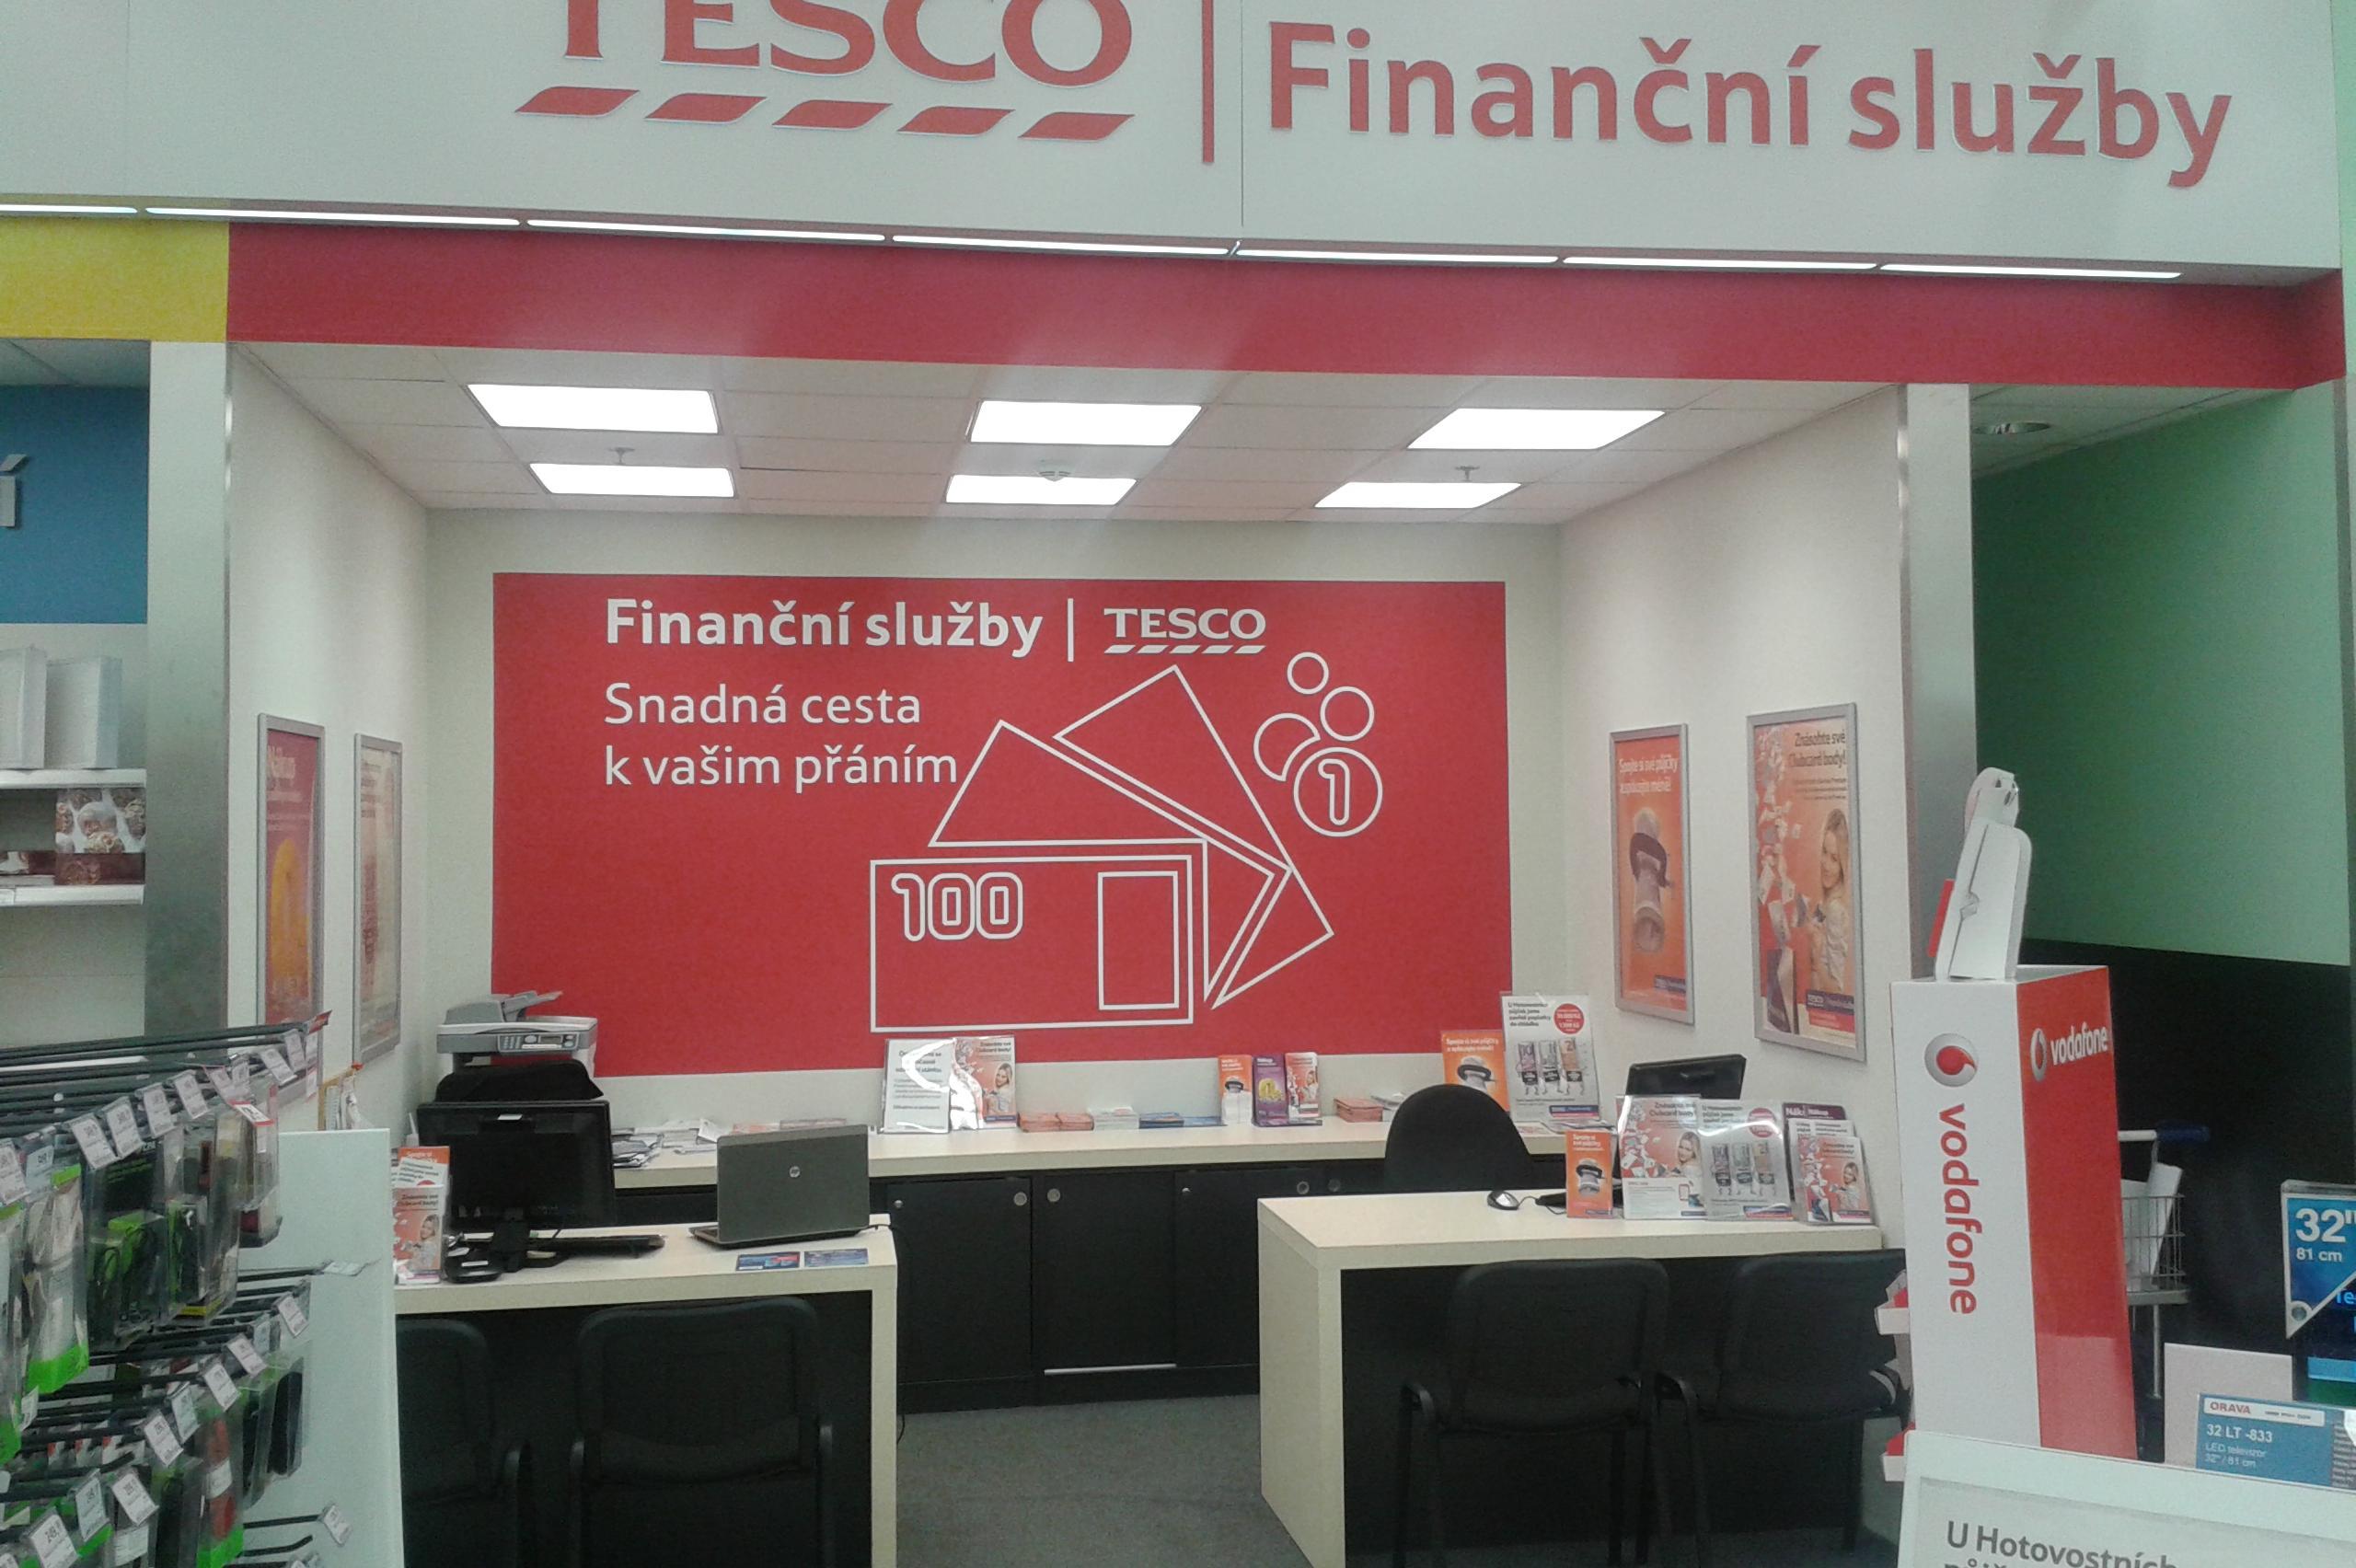 Tesco Financni Sluzby Uherske Hradiste Firmy Cz